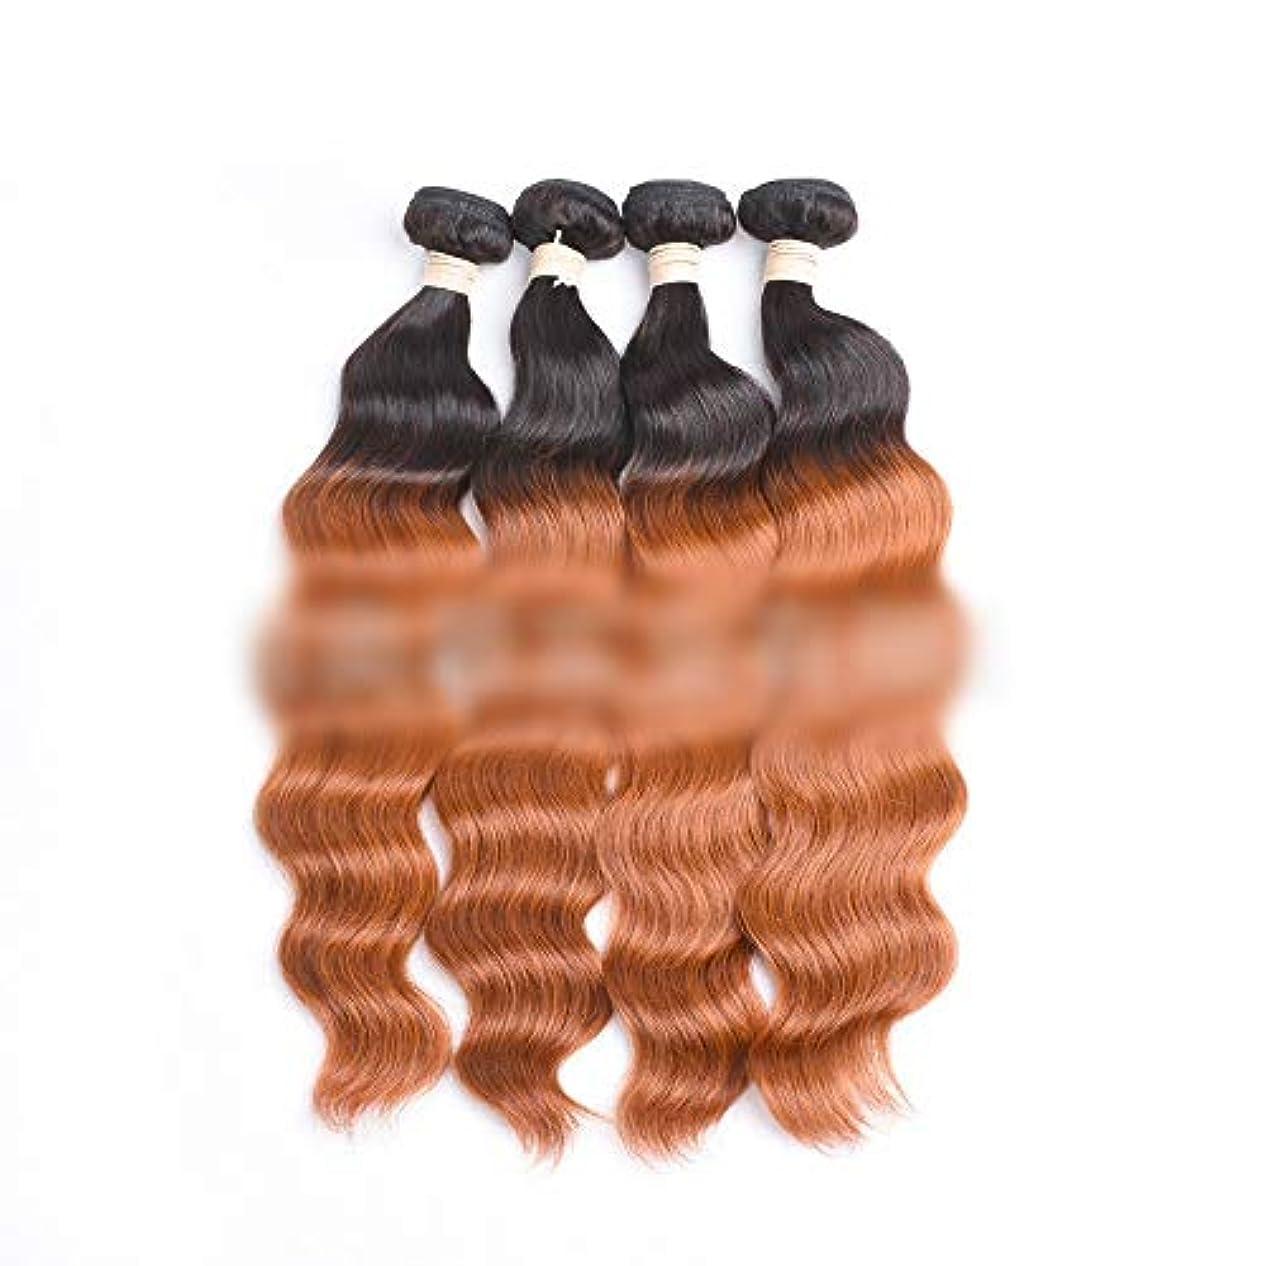 徹底割り当て妖精HOHYLLYA ブラジルのオーシャンウェーブヘア1バンドル未処理の人間の髪の毛の拡張子 - #30明るい茶色の色ロールプレイングかつら女性の自然なかつら (色 : ブラウン, サイズ : 14 inch)